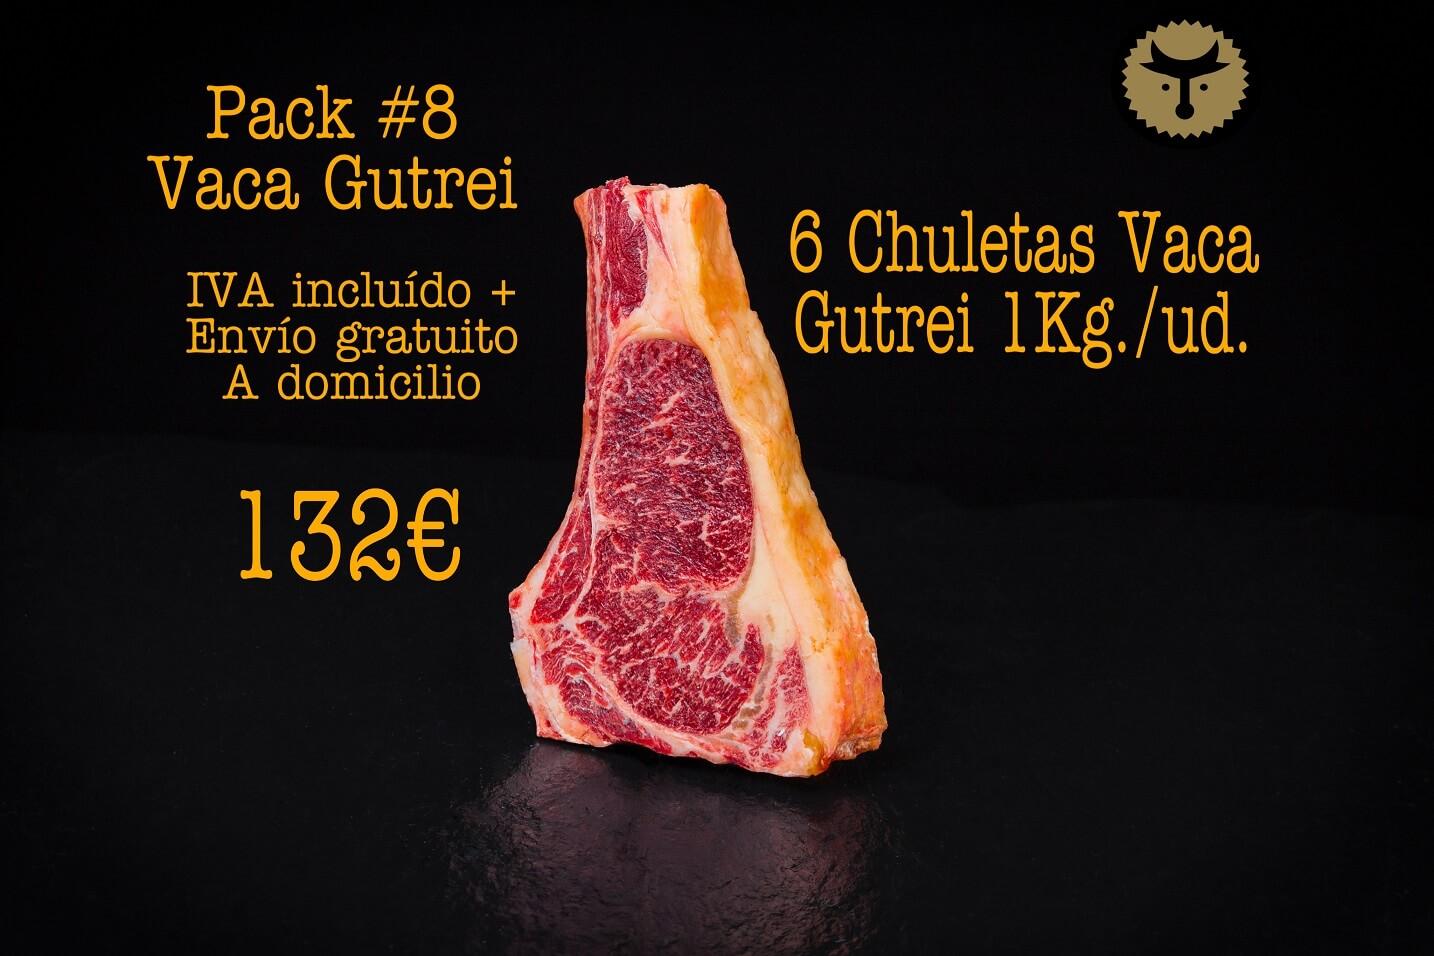 pack 8 chuleton vaga 1kg